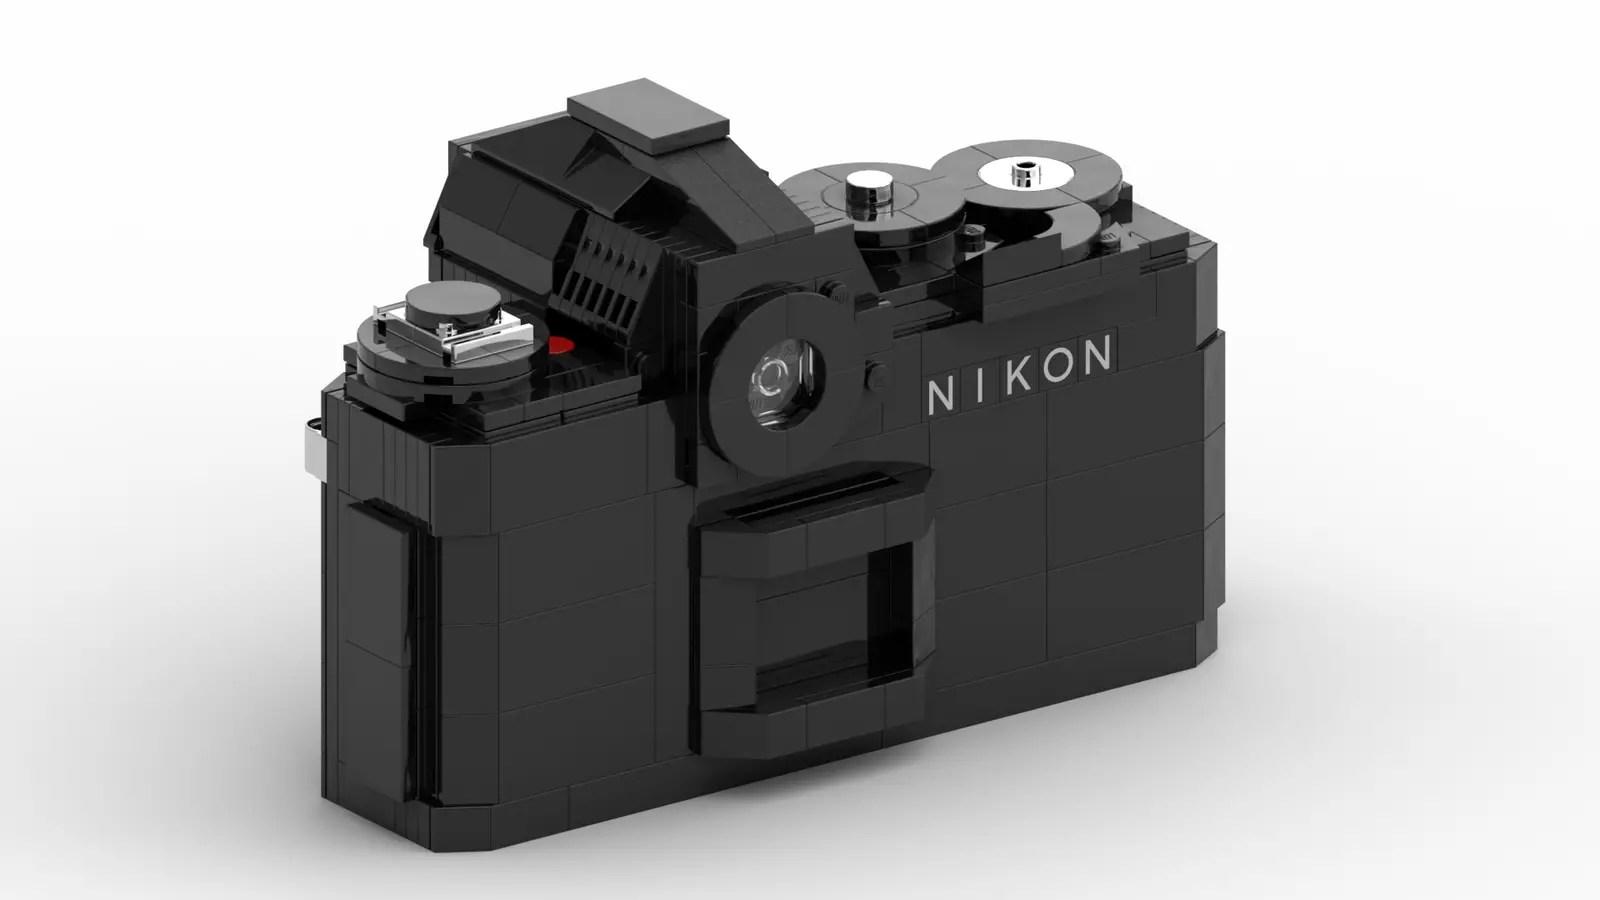 LEGO Nikon F3: Rear (Credit: Ethan Brossard)